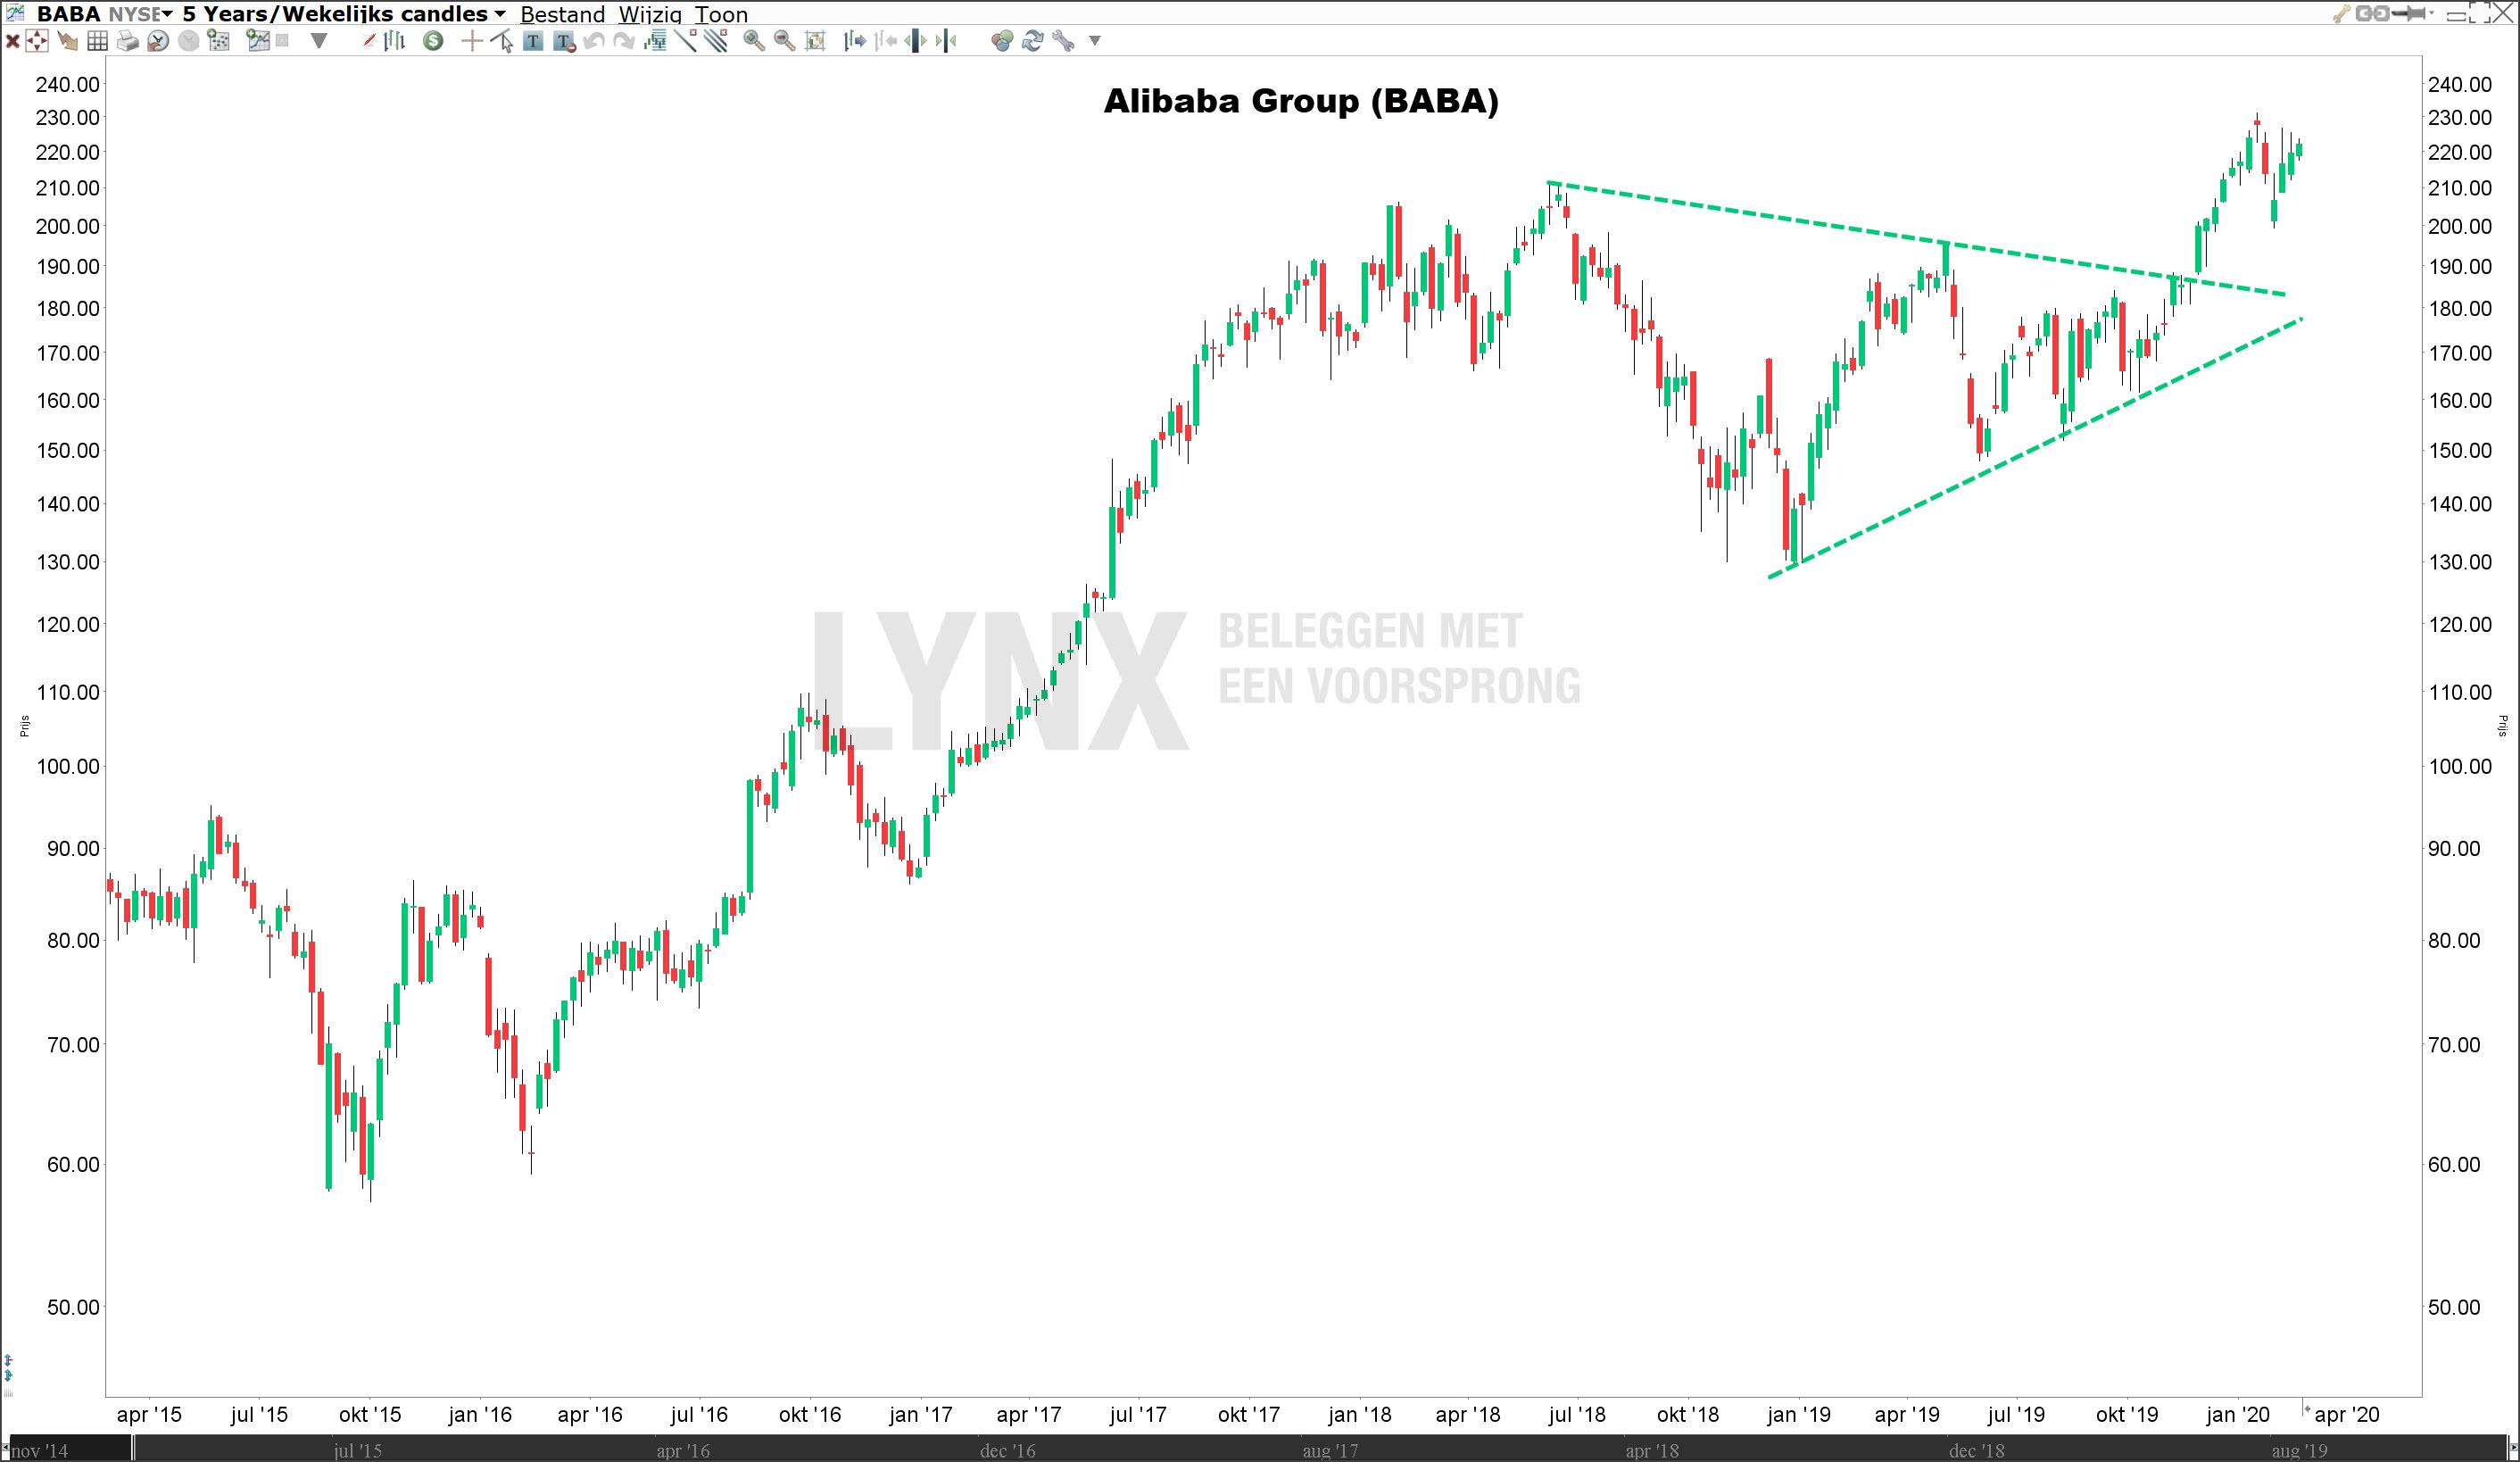 Beleggen in technologie aandelen - Alibaba